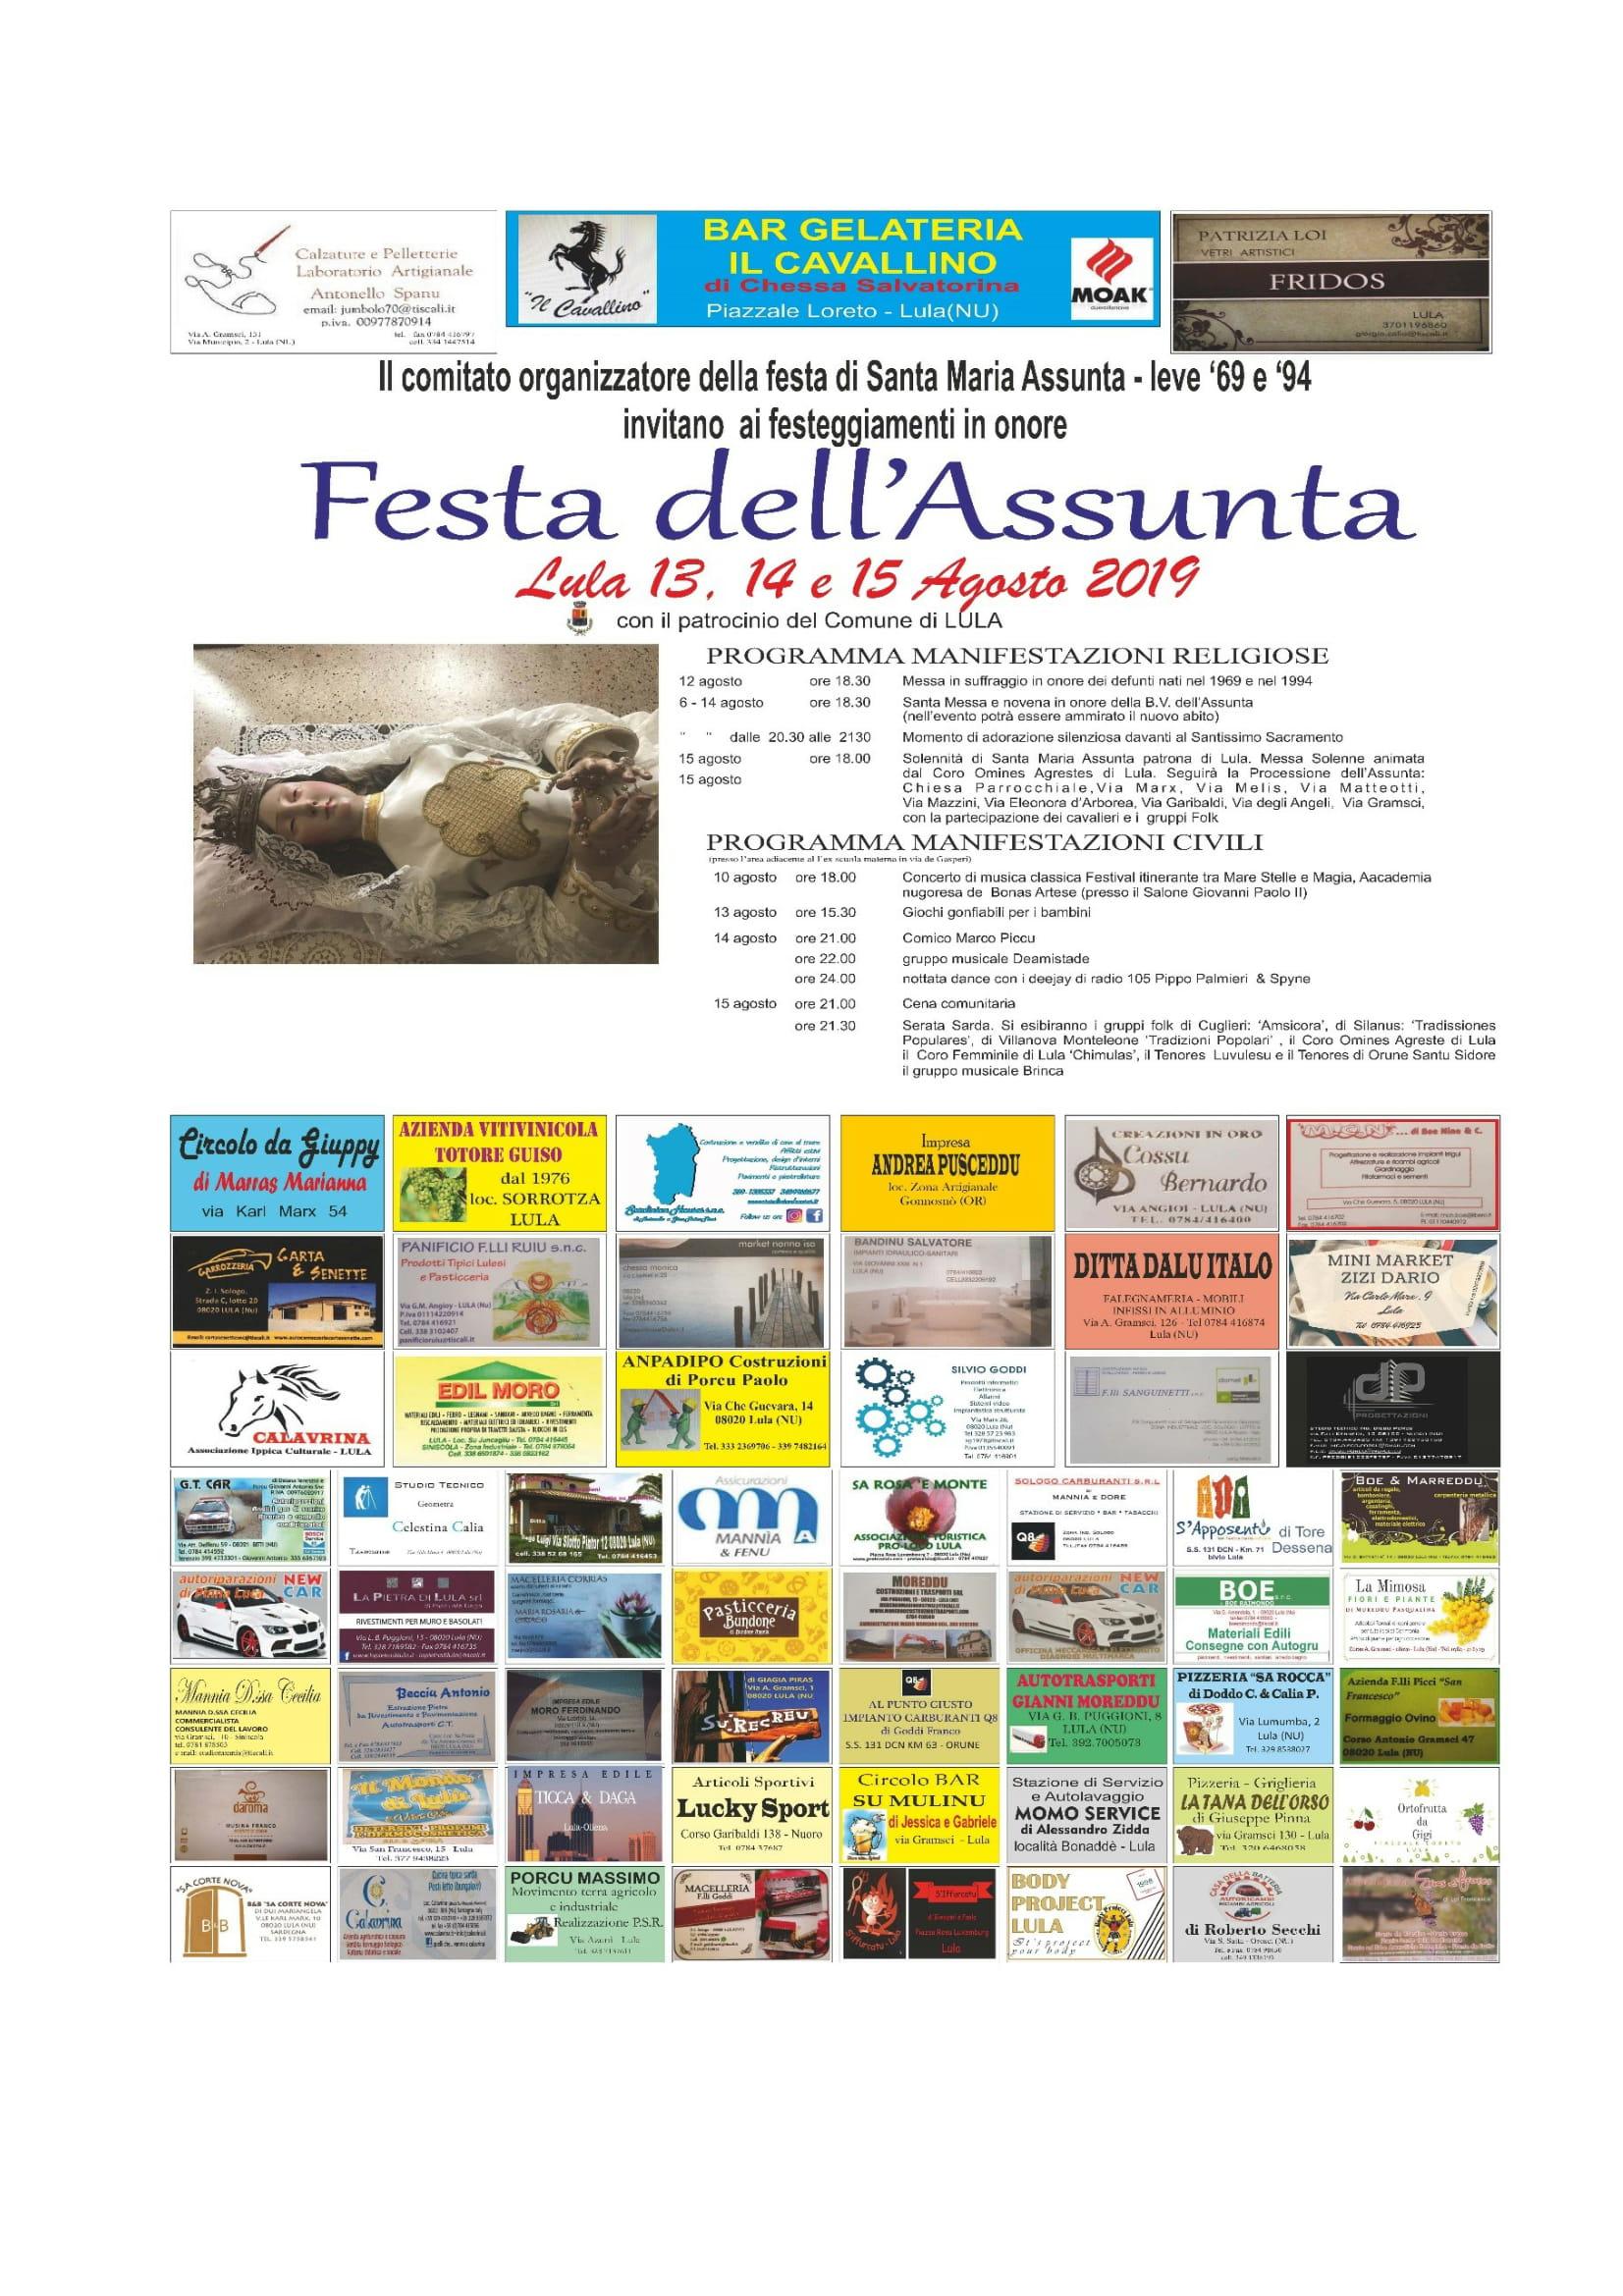 Festa dell'Assunta - Programma delle manifestazioni